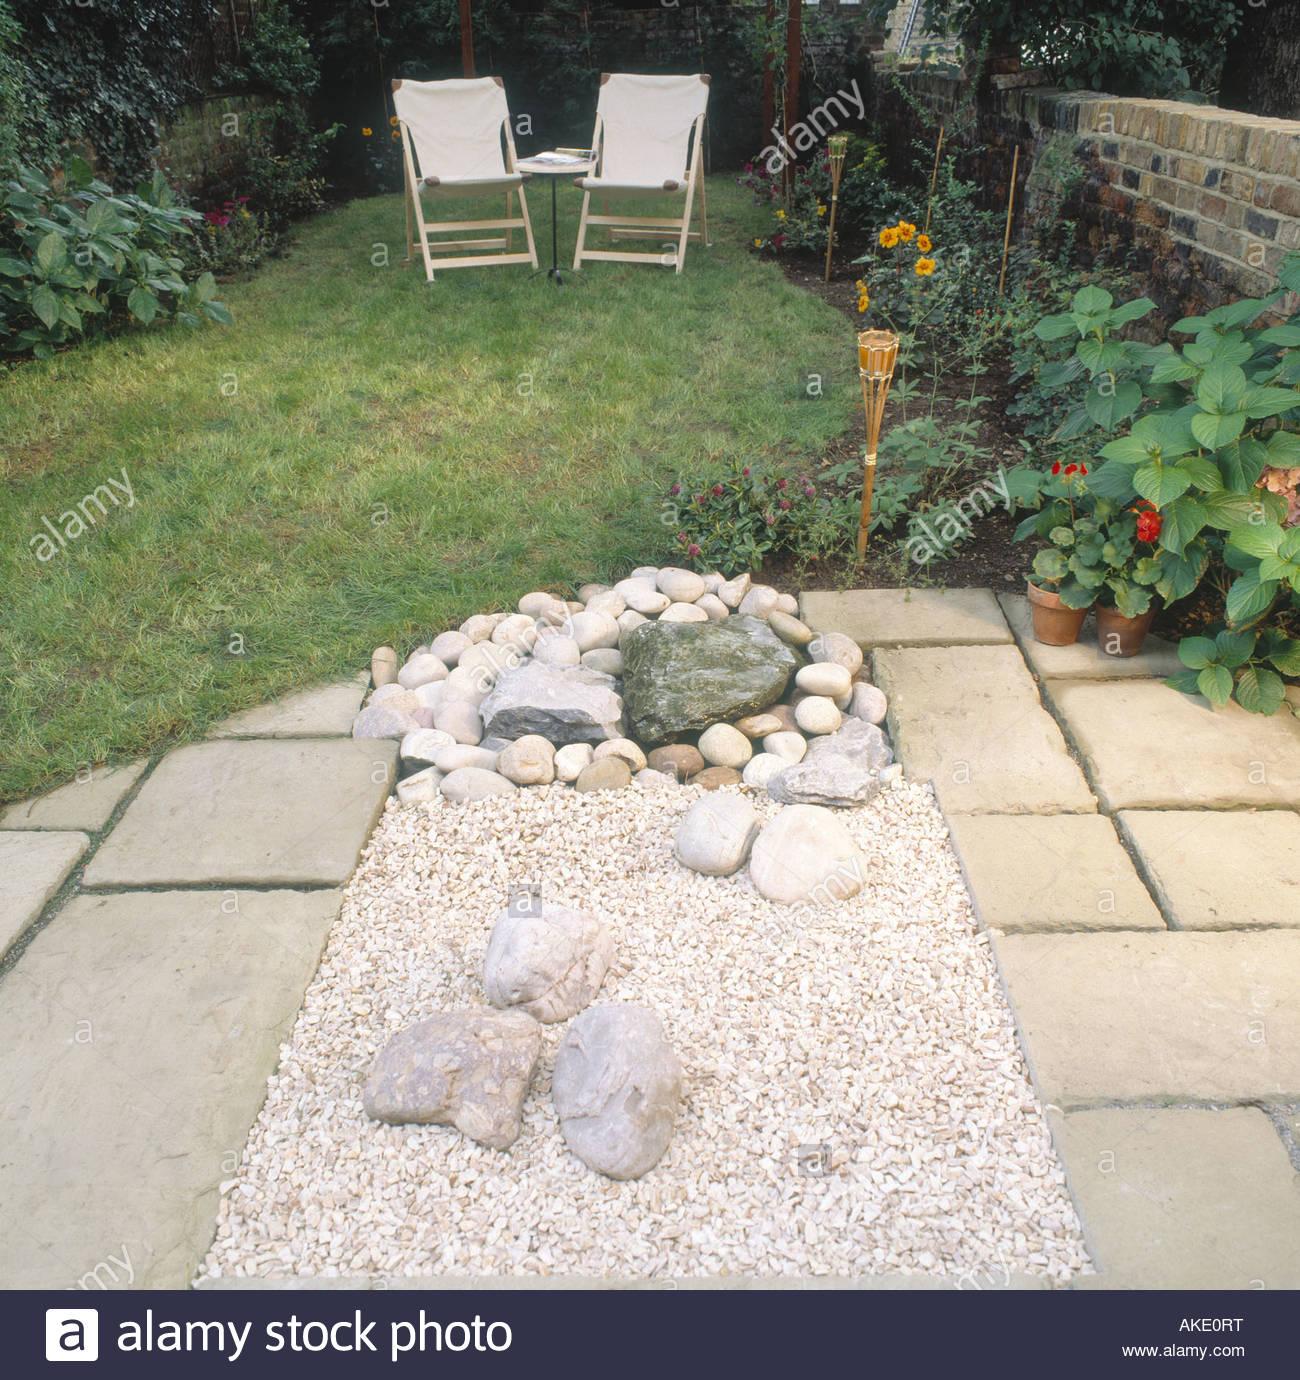 kleinen garten hinter dem haus sequenz london patio stein blase brunnen wasser kieselsteine rasen stuhle kies blume bett ostgrenze ake0rt